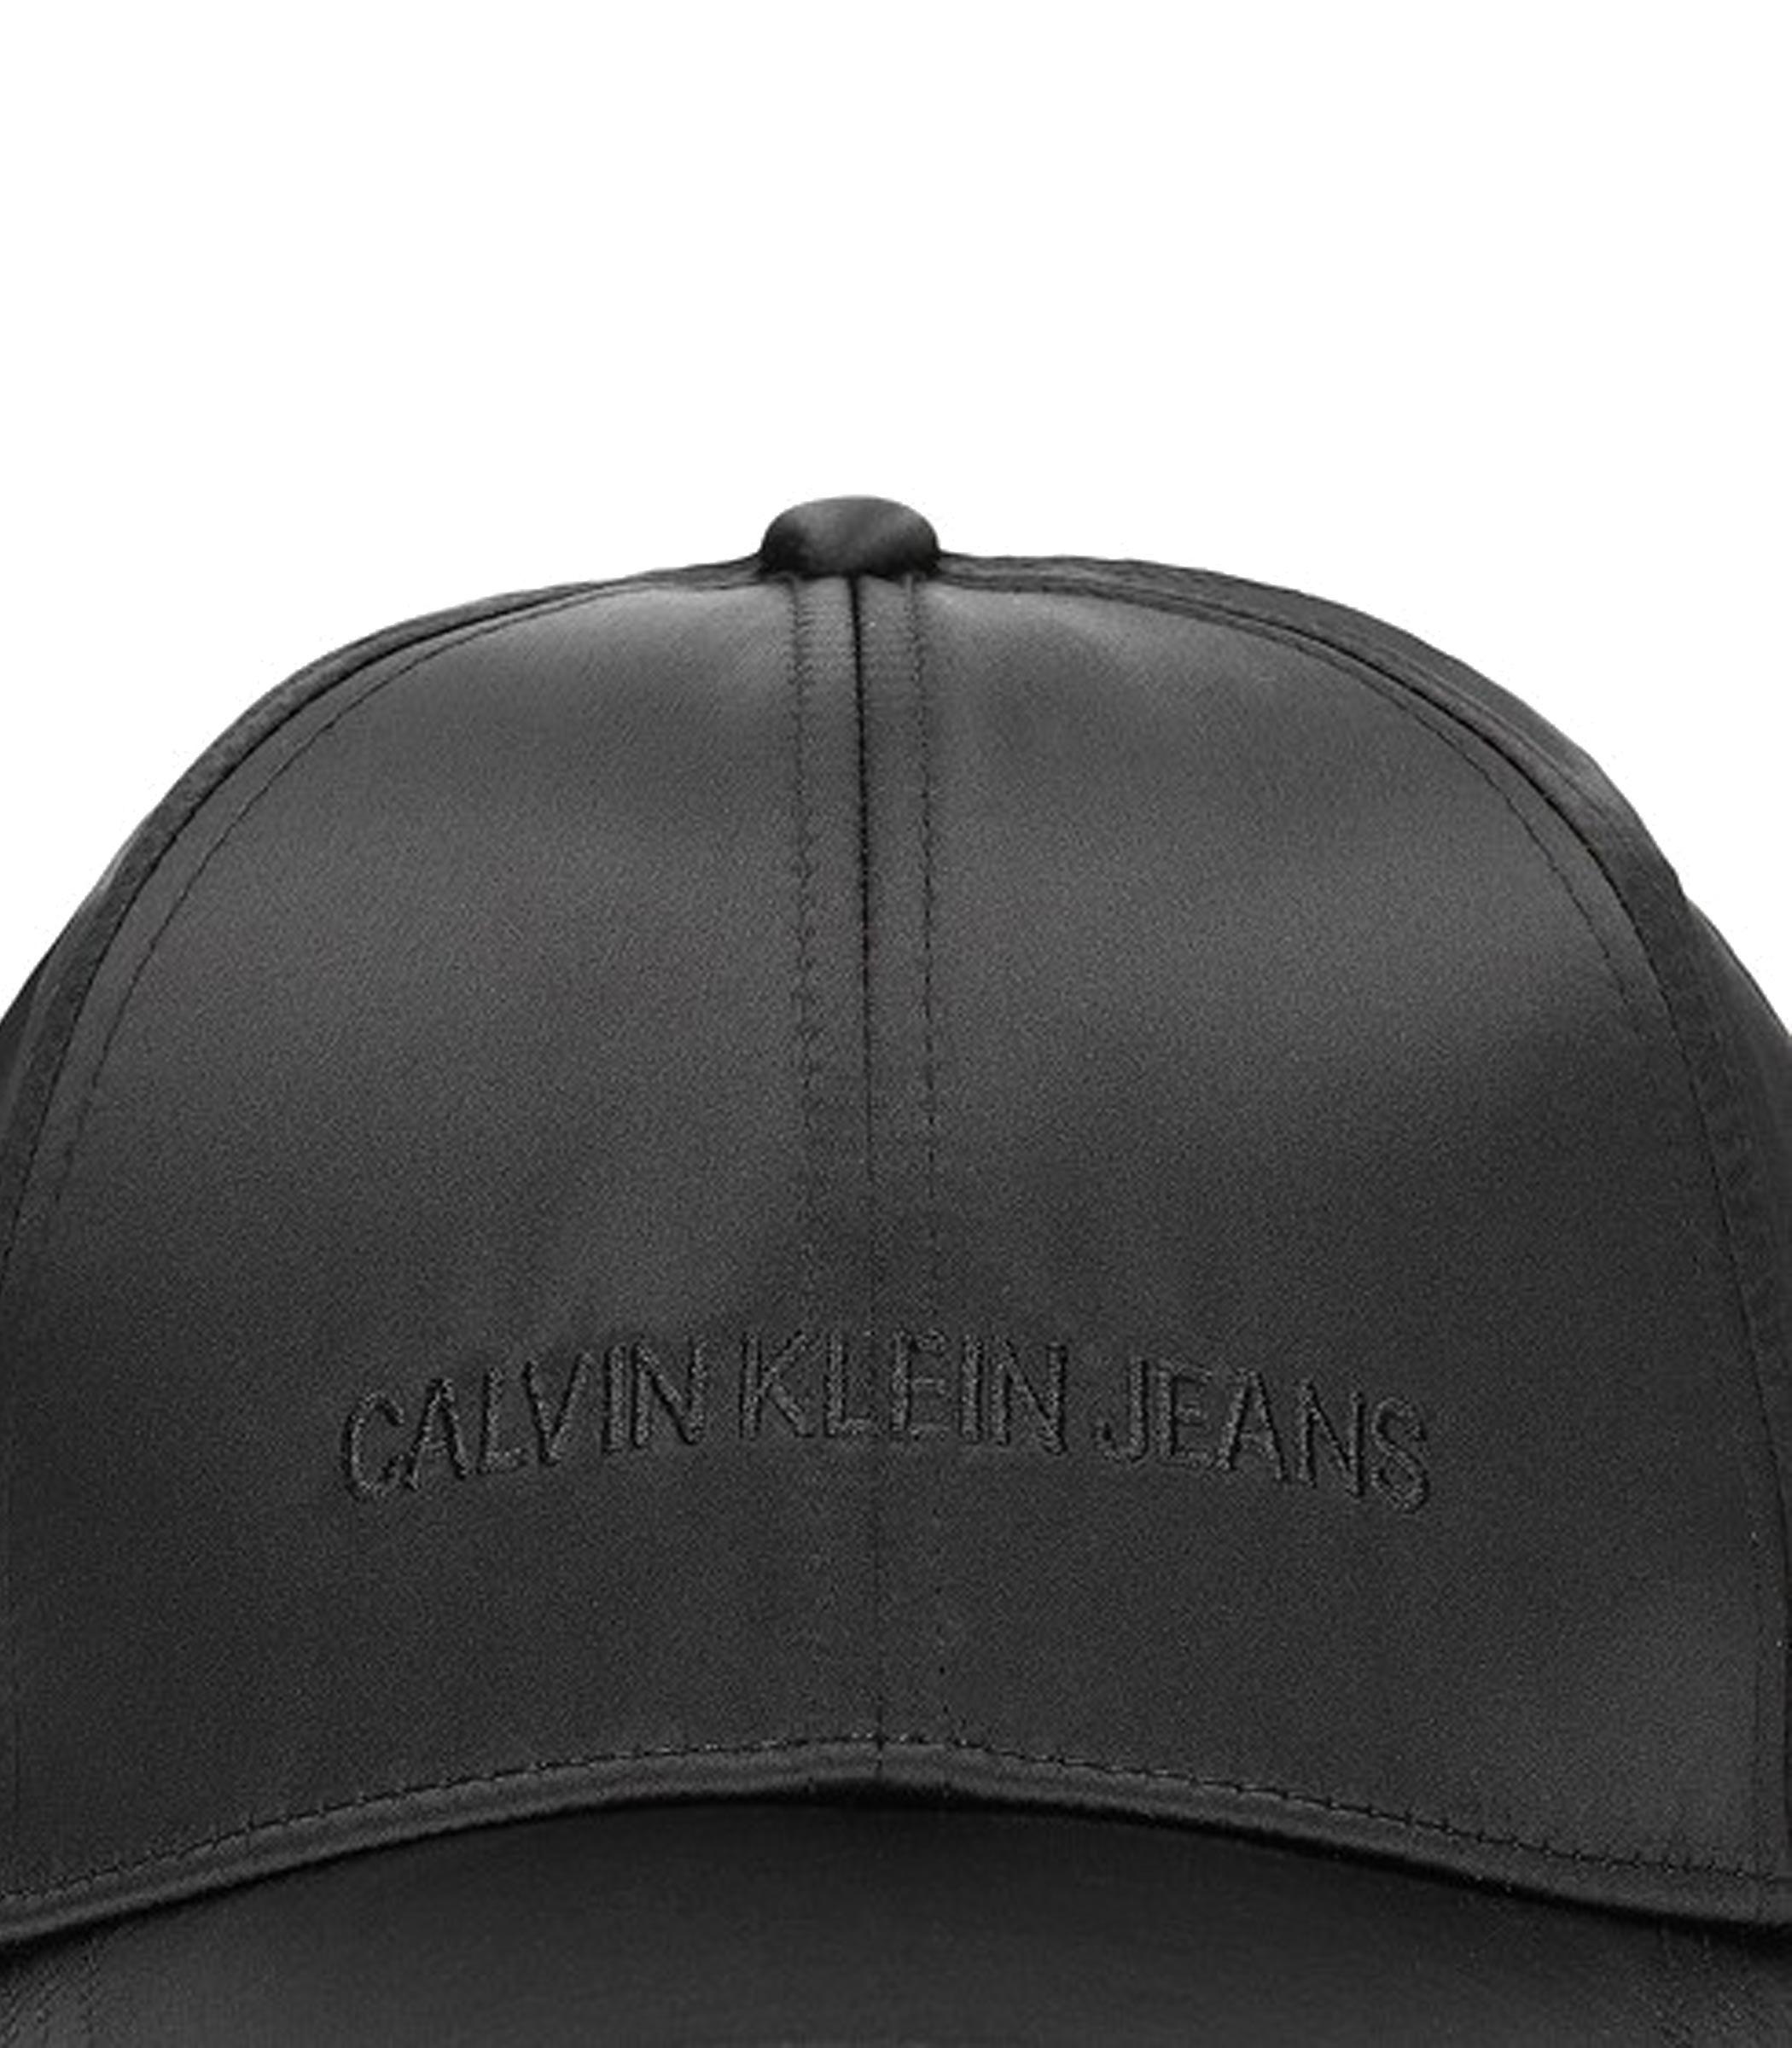 K60K604995 016 Cappello con visiera Calvin Klein Jeans nero rif. K60K604995  016 782a3e7fdd73